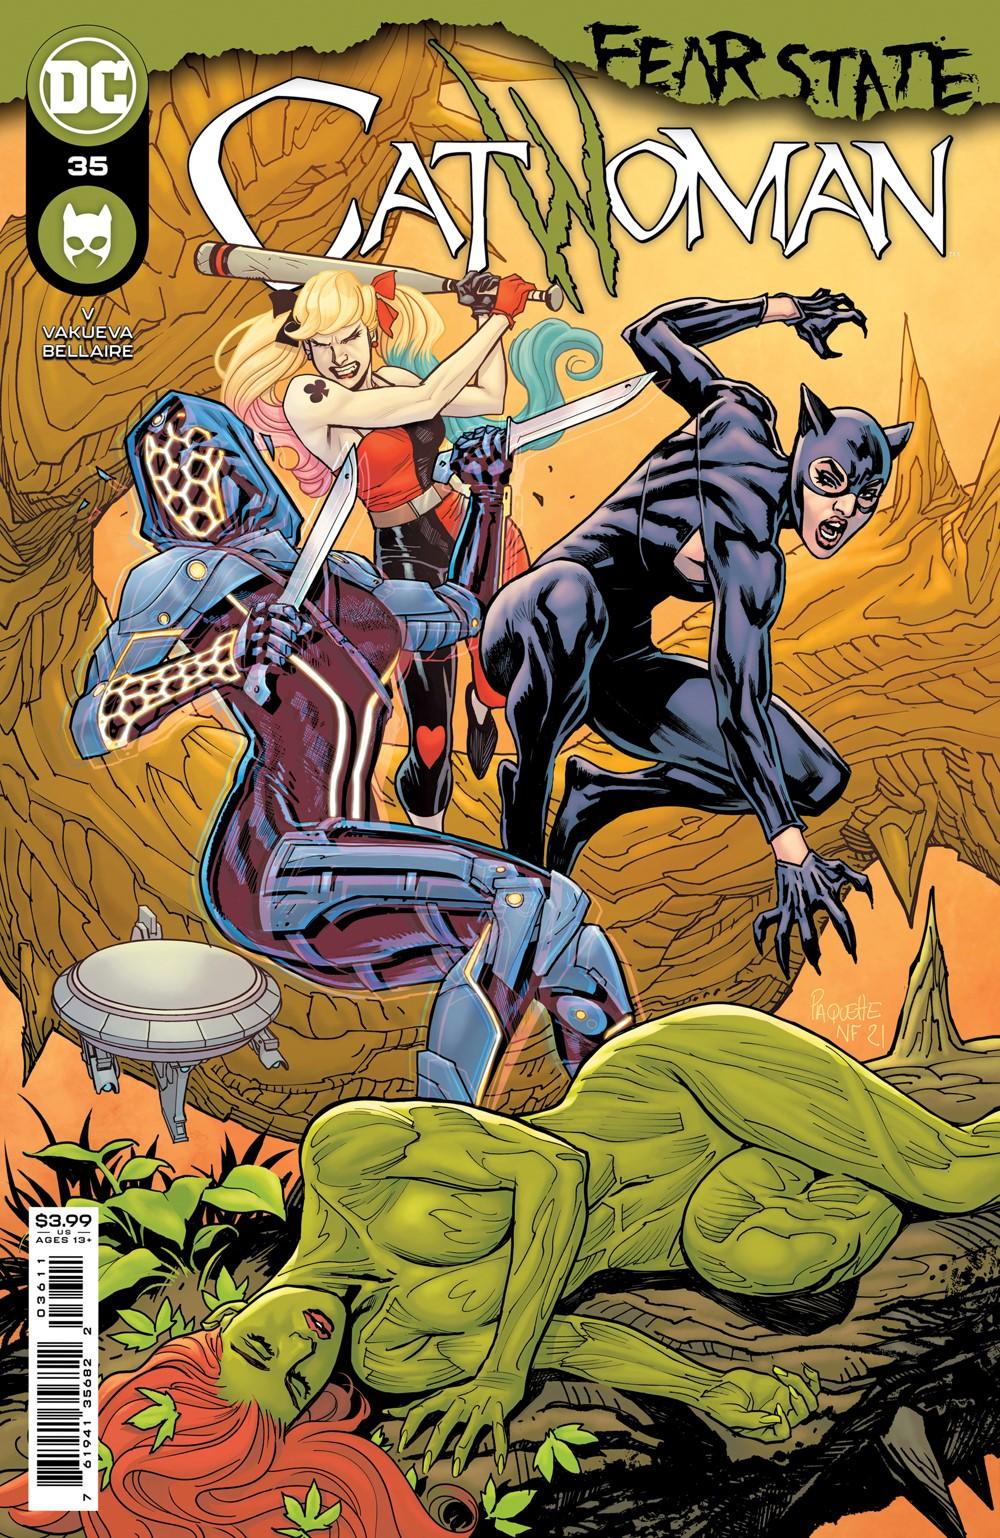 CATWOMAN_Cv36_03611 DC Comics October 2021 Solicitations